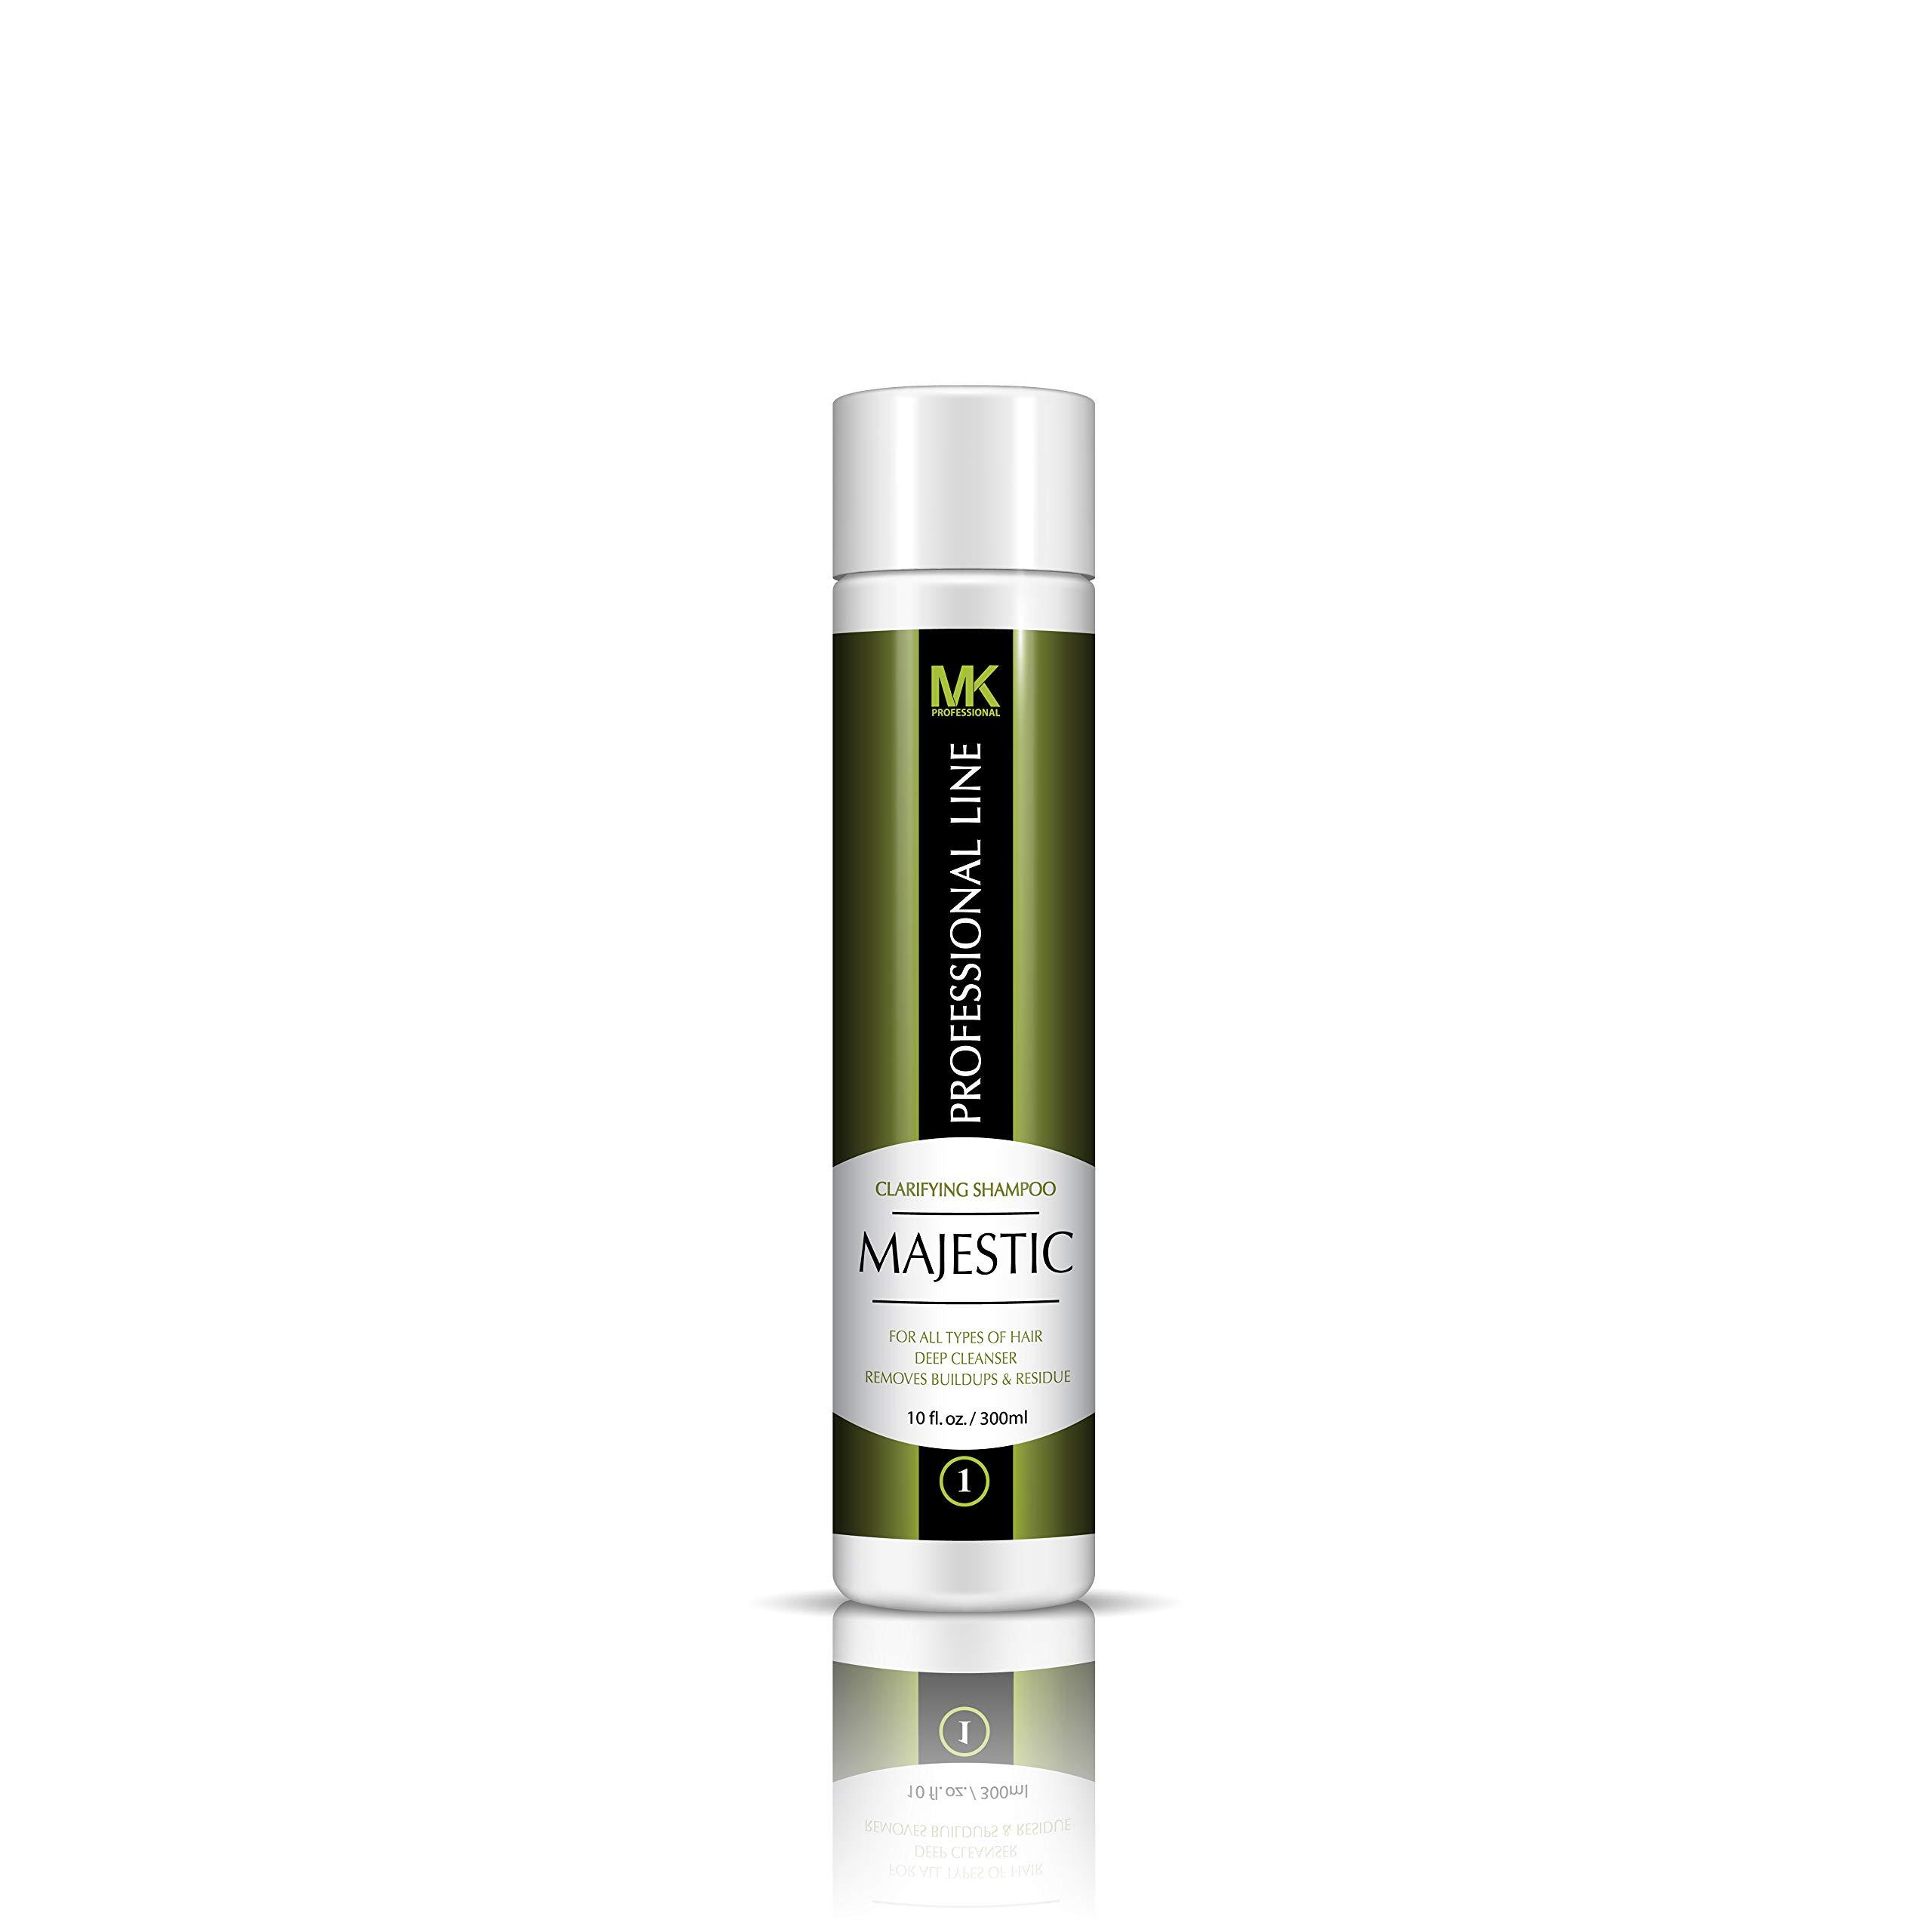 Majestic Clarifying Shampoo 10oz (300ml)- Before Treatment